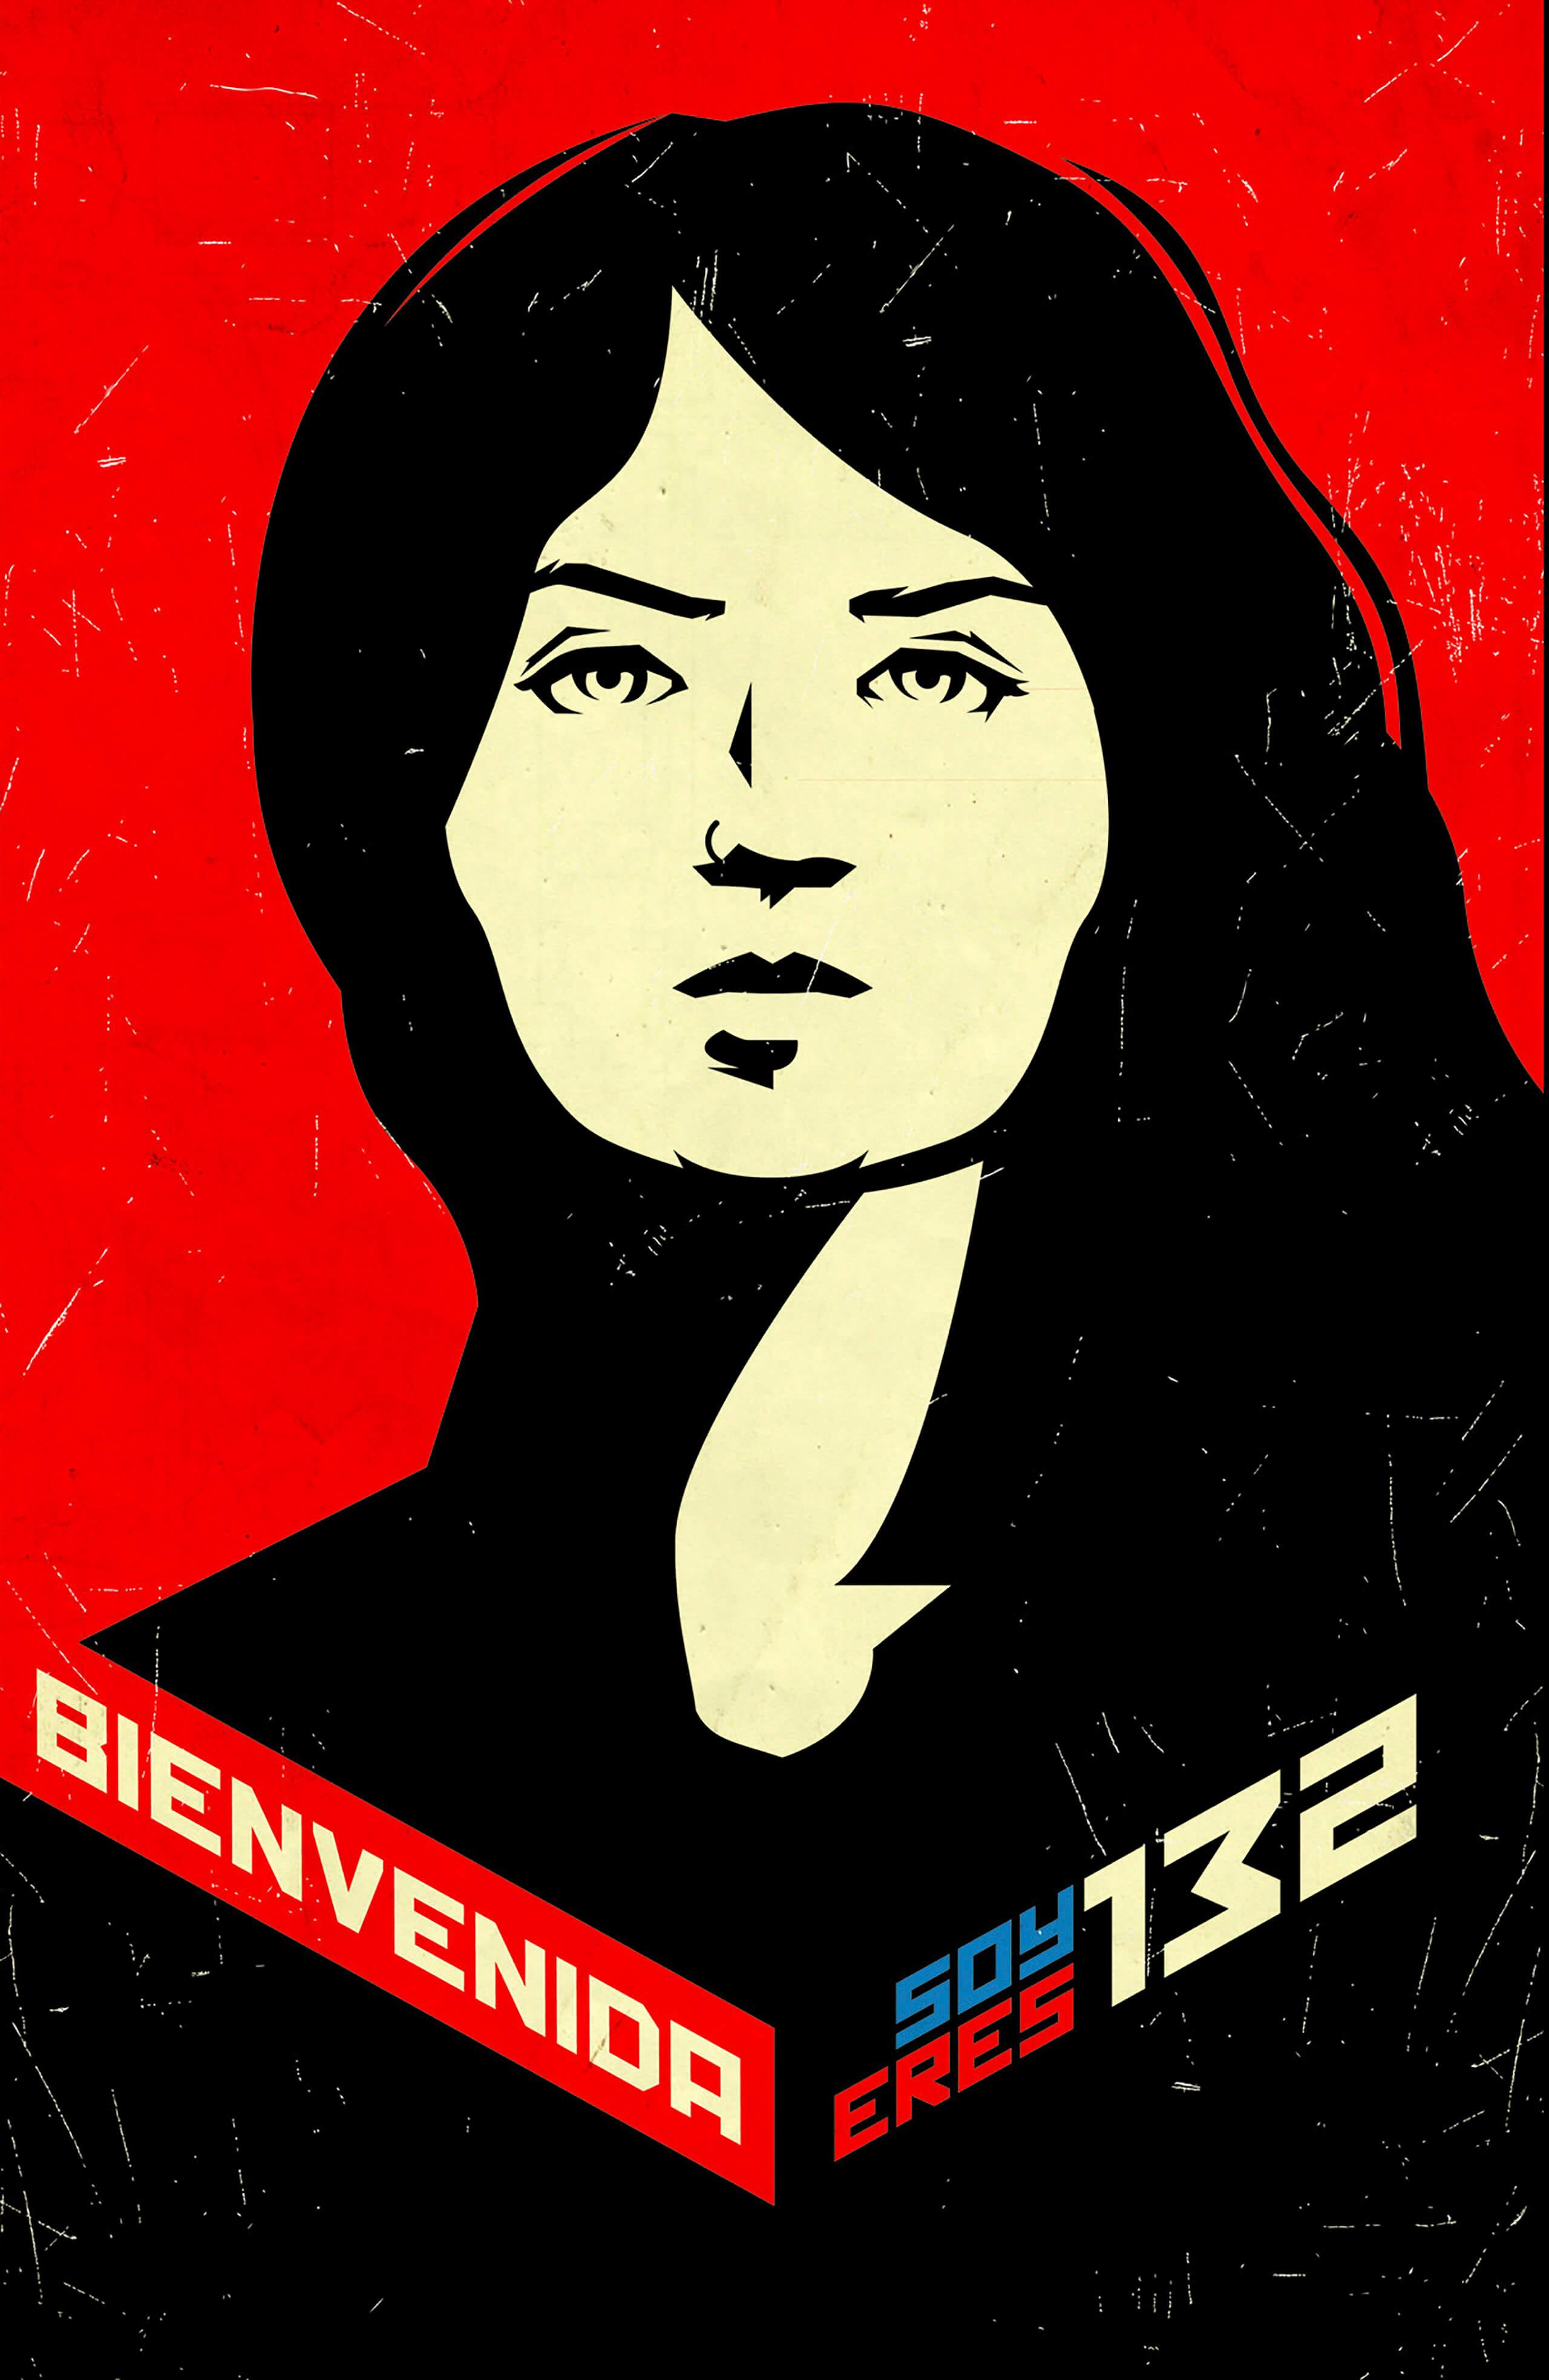 Carteles digitales del movimiento #YoSoy132 | La demanda inasumible. Imaginación social y autogestión gráfica en México, 1968-2018 | Museo Amparo, Puebla